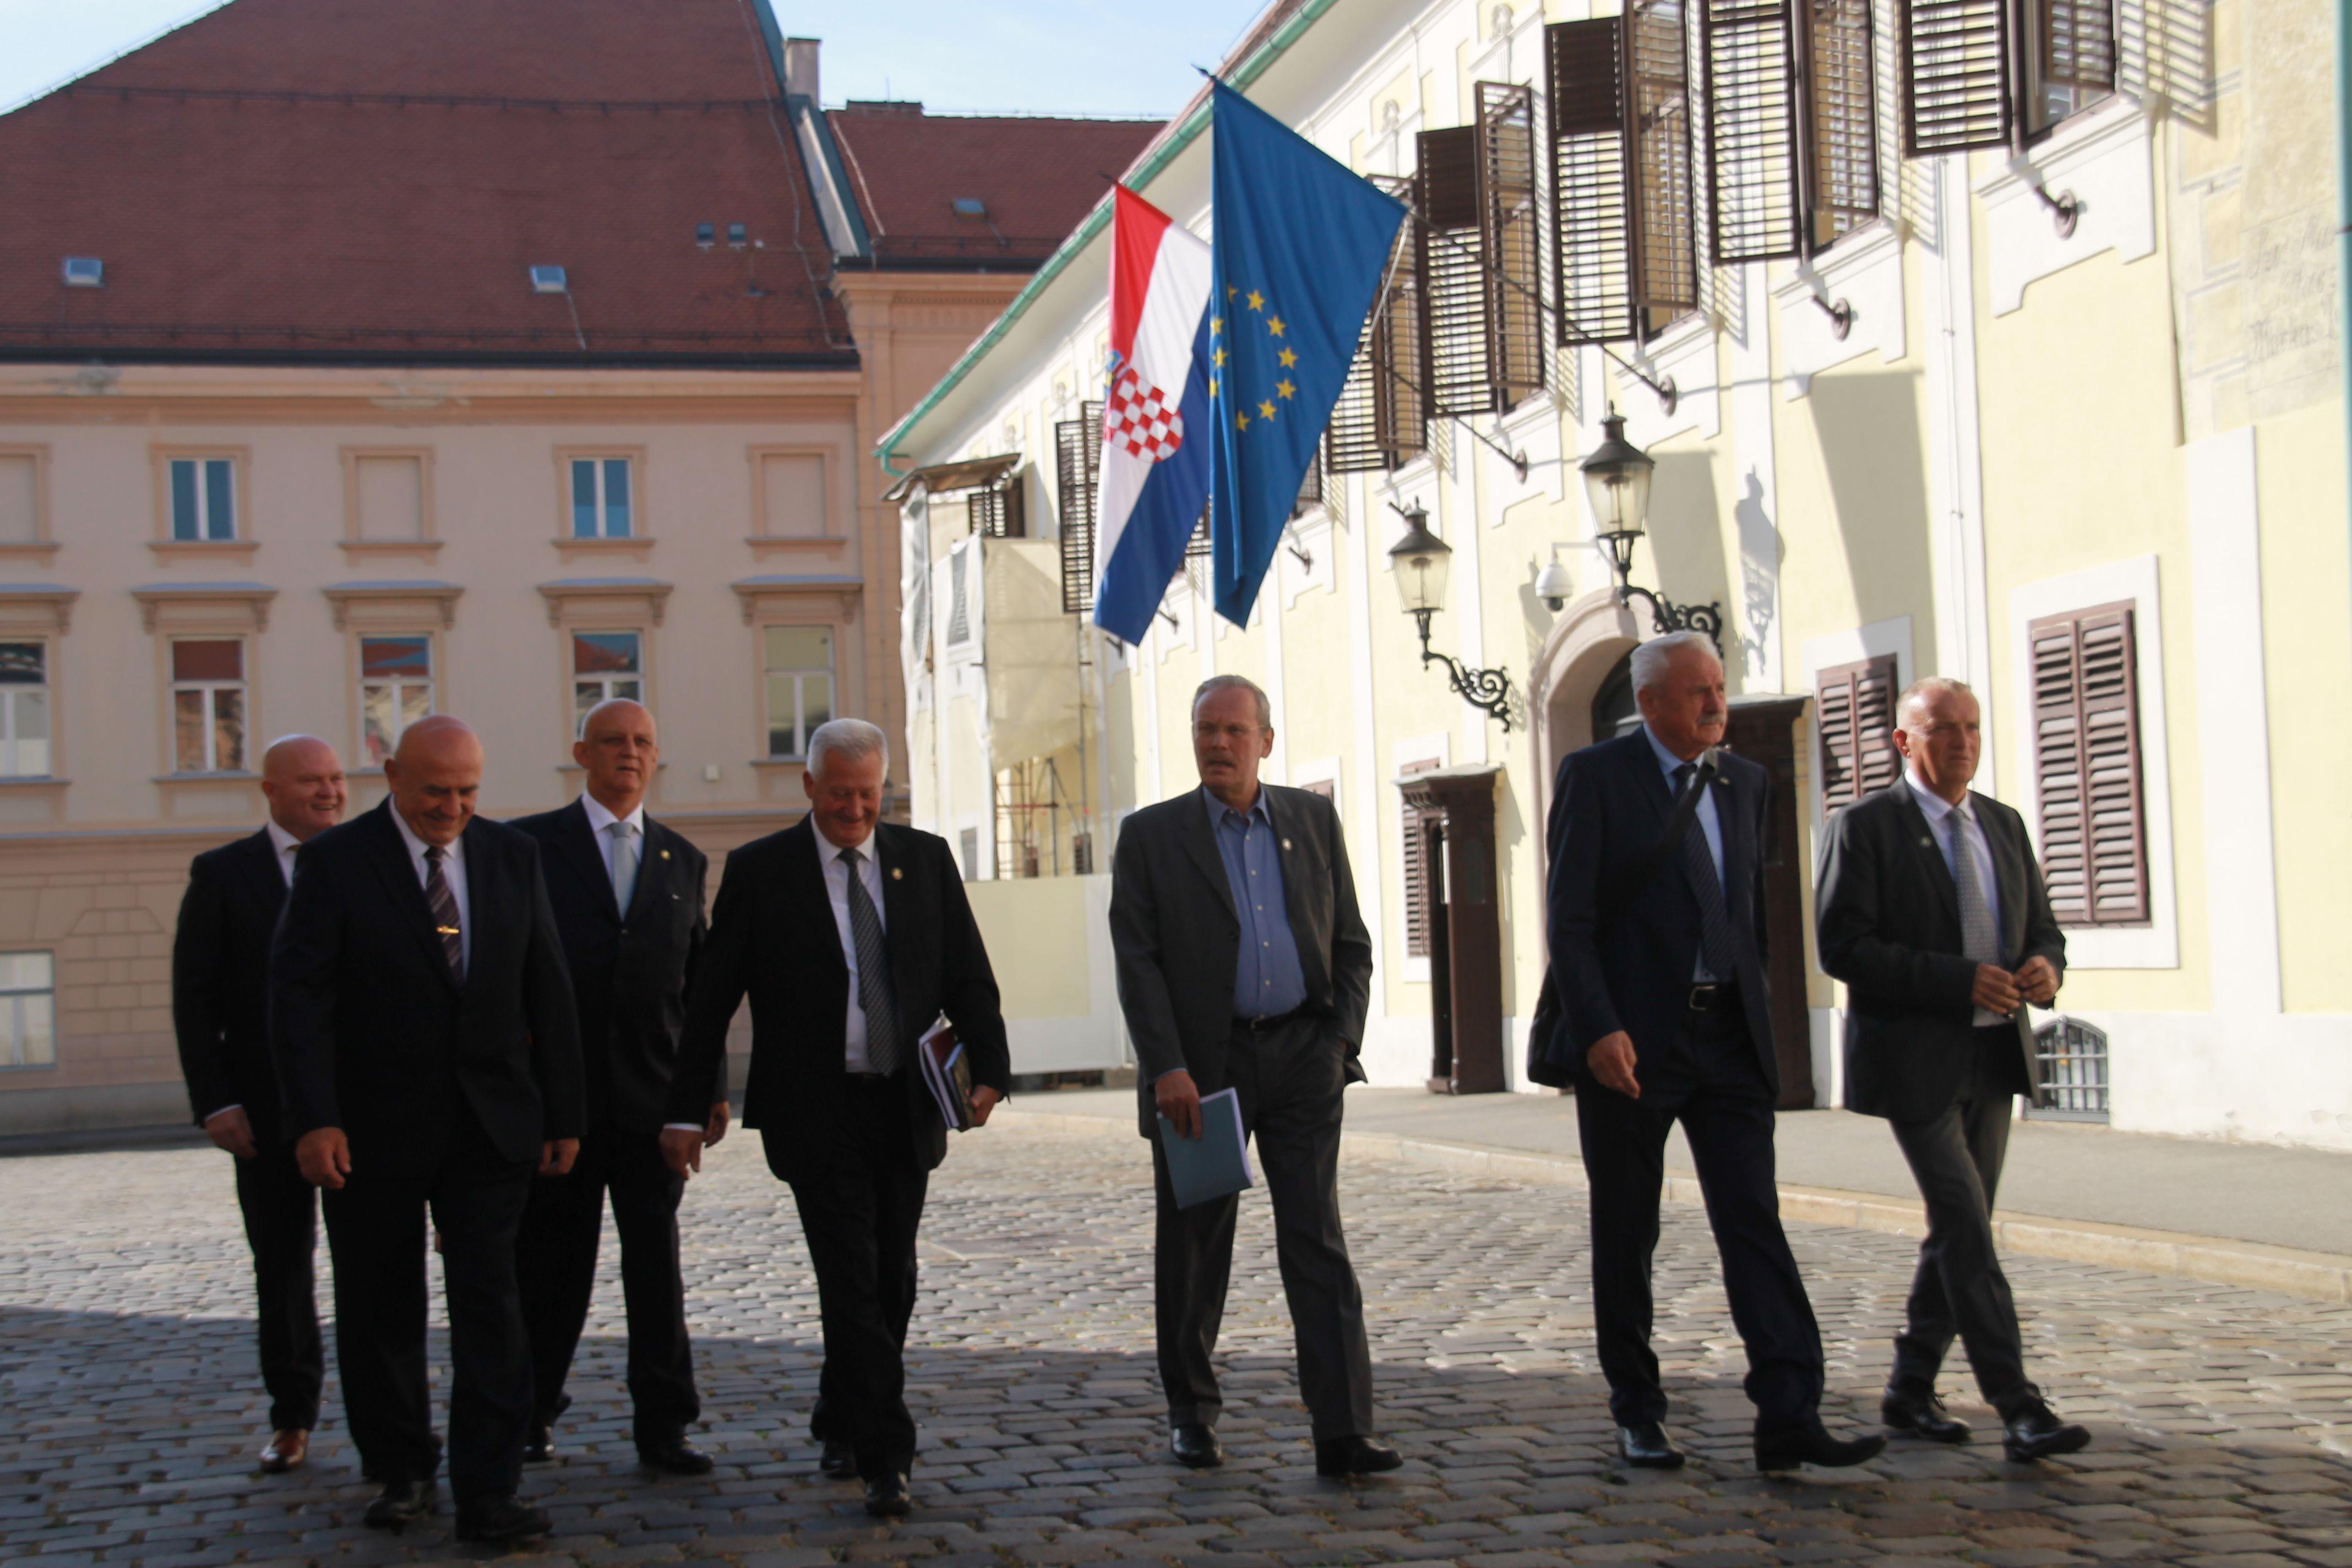 SIGURNOSNA PITANJA: Predstavnici Hrvatskog generalskog zbora danas su se sastali s premijerom Plenkovićem